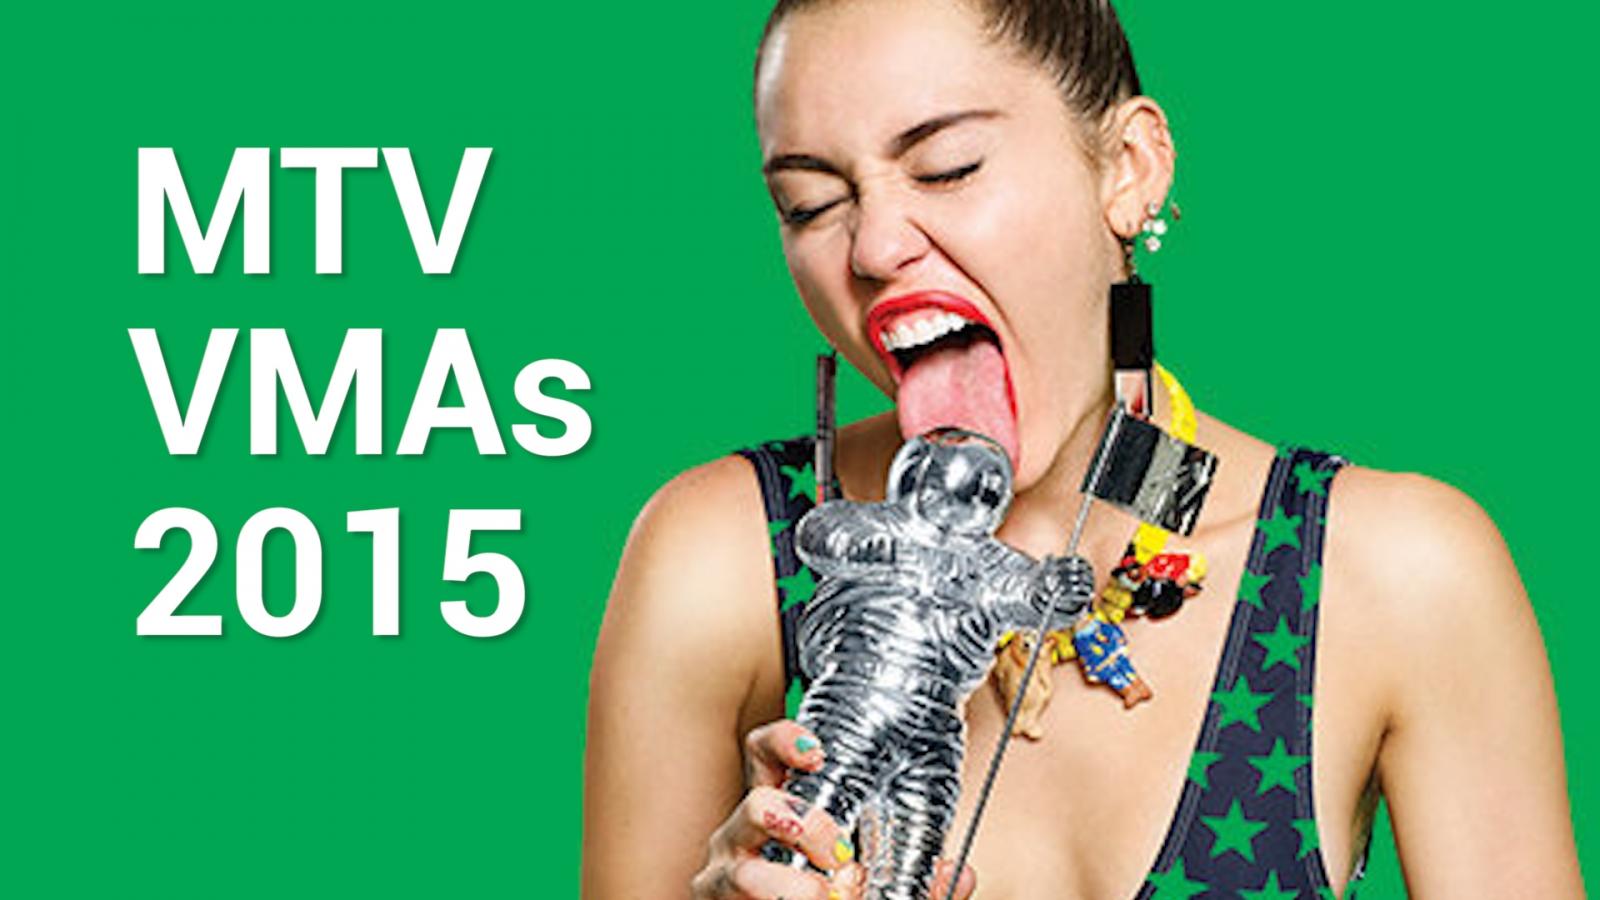 MTV VMAs preview